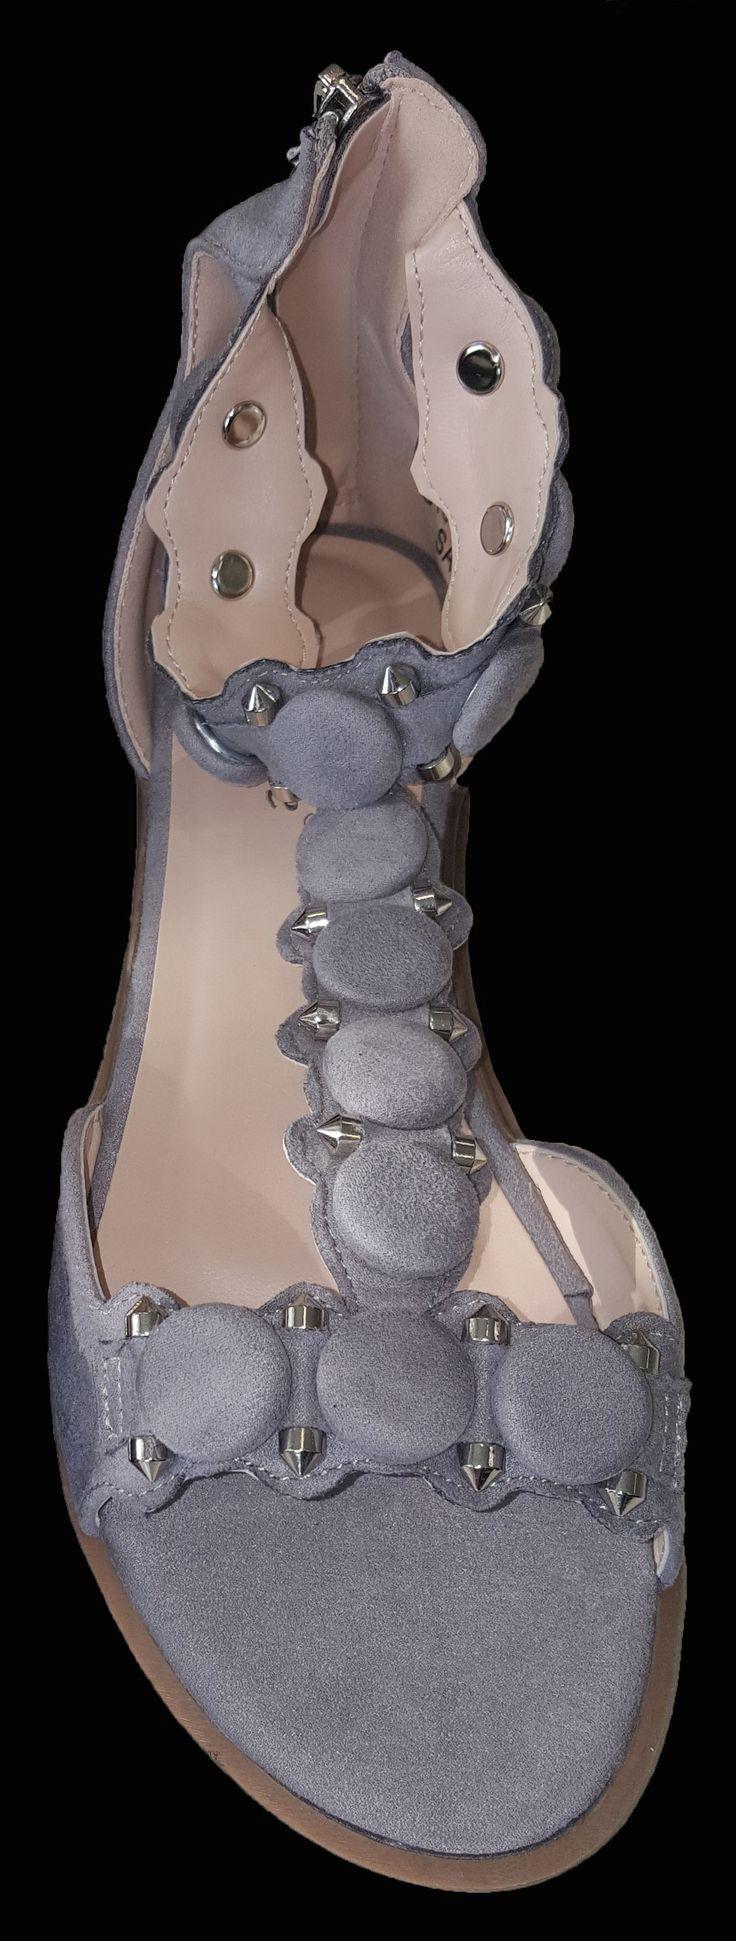 Geweldige grijze sandalen met mooie versiering over de voet en enkelbandje. Ook verkrijgbaar in zwart Perfect voor bij elk outfit!! € 29,95 Gratis verzending OP = OP